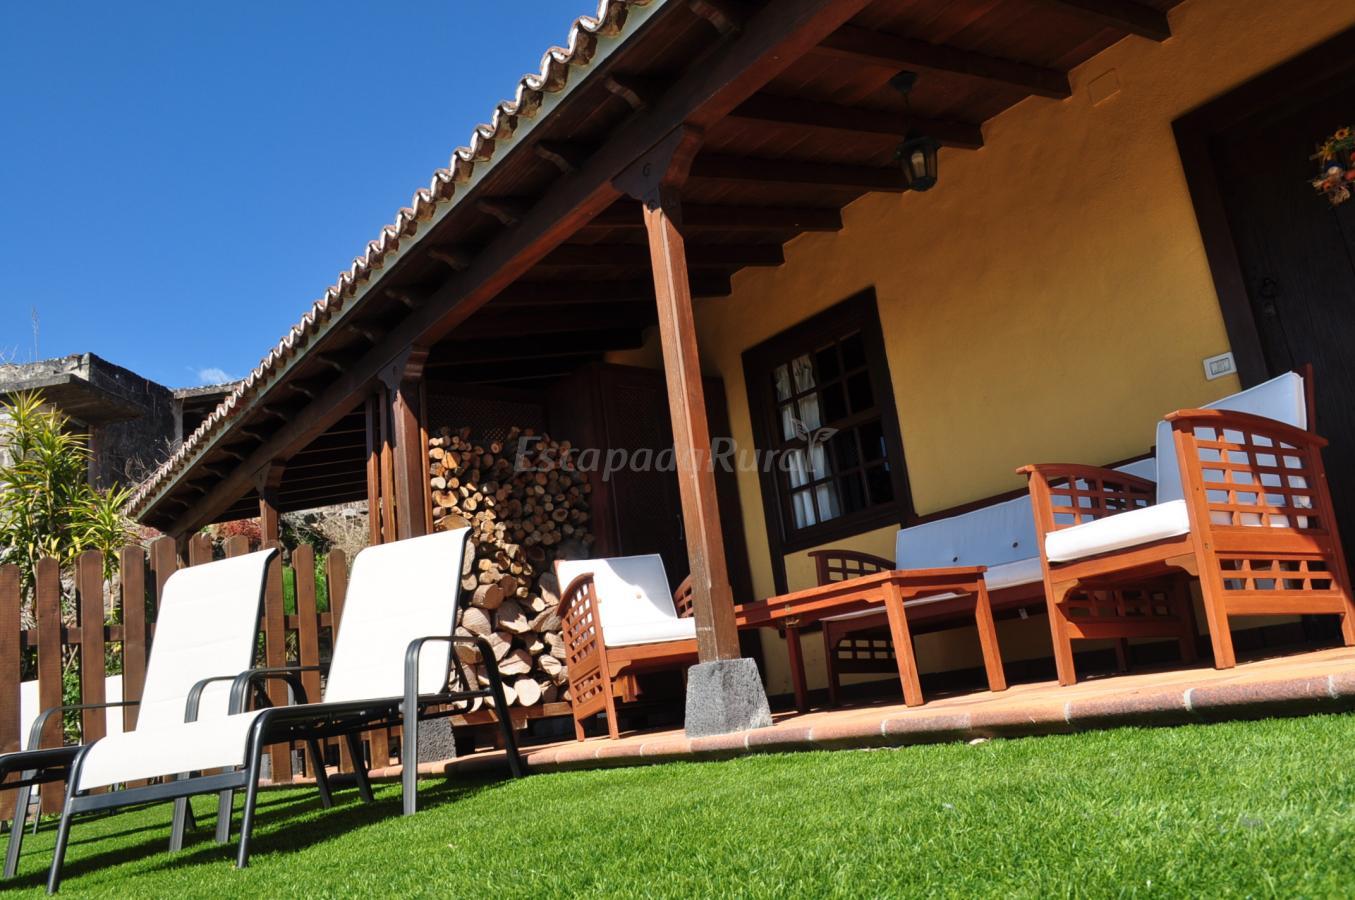 Fotos de cha miquela casa rural en la galga santa cruz de tenerife - Casas rurales en santa cruz de la palma ...